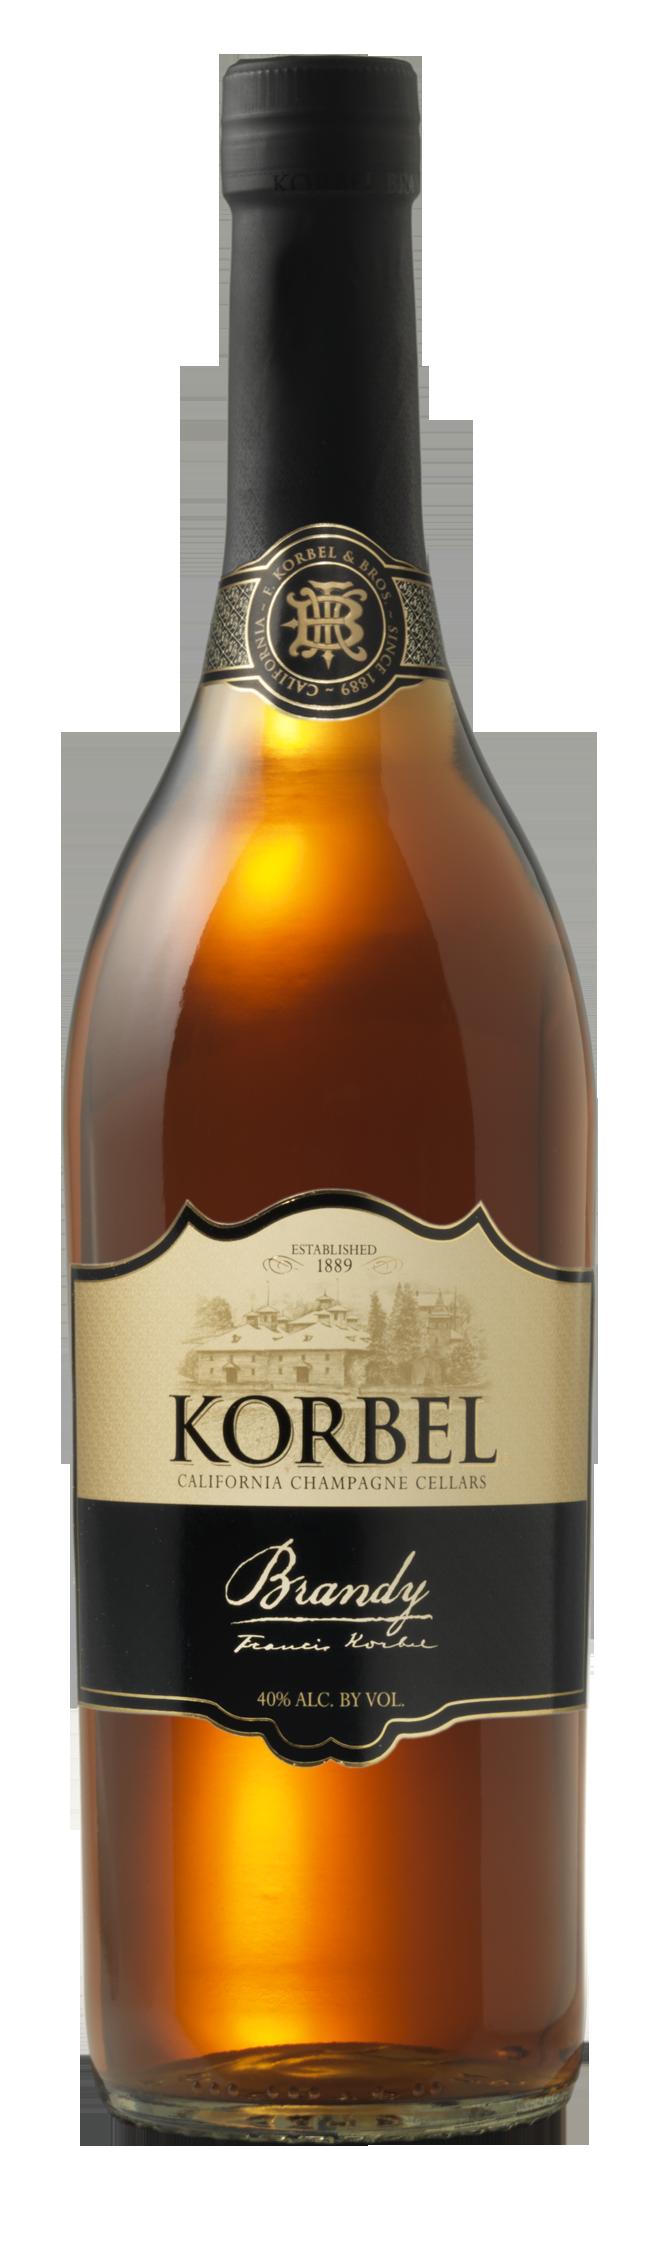 Korbel Bottle Png Image Brandy Bottle Bottle Bottle Images